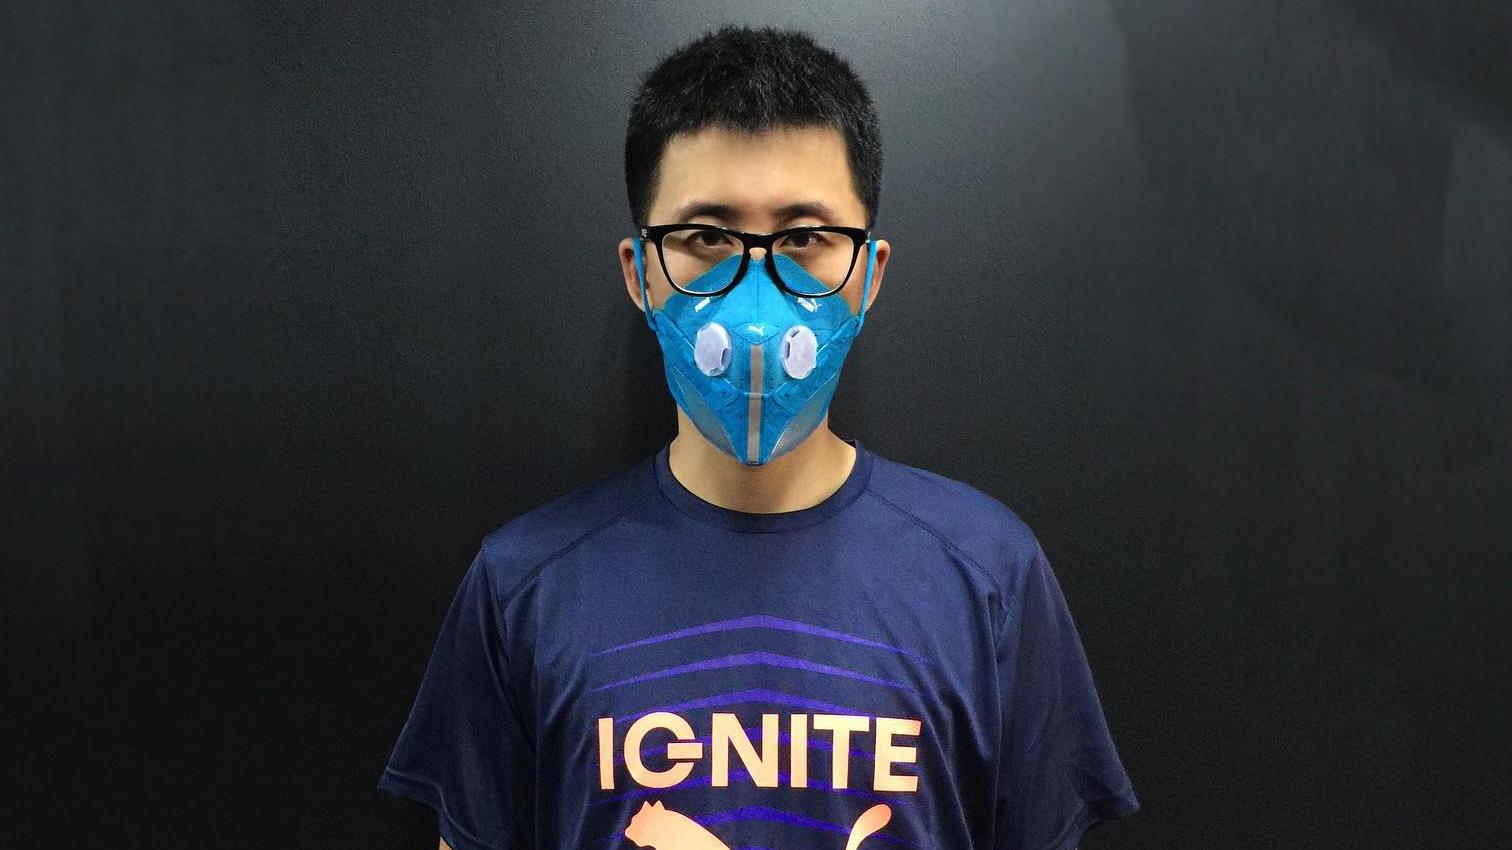 Beijing-based designer Wang Zhijun turns sneakers into smog-blocking face masks.